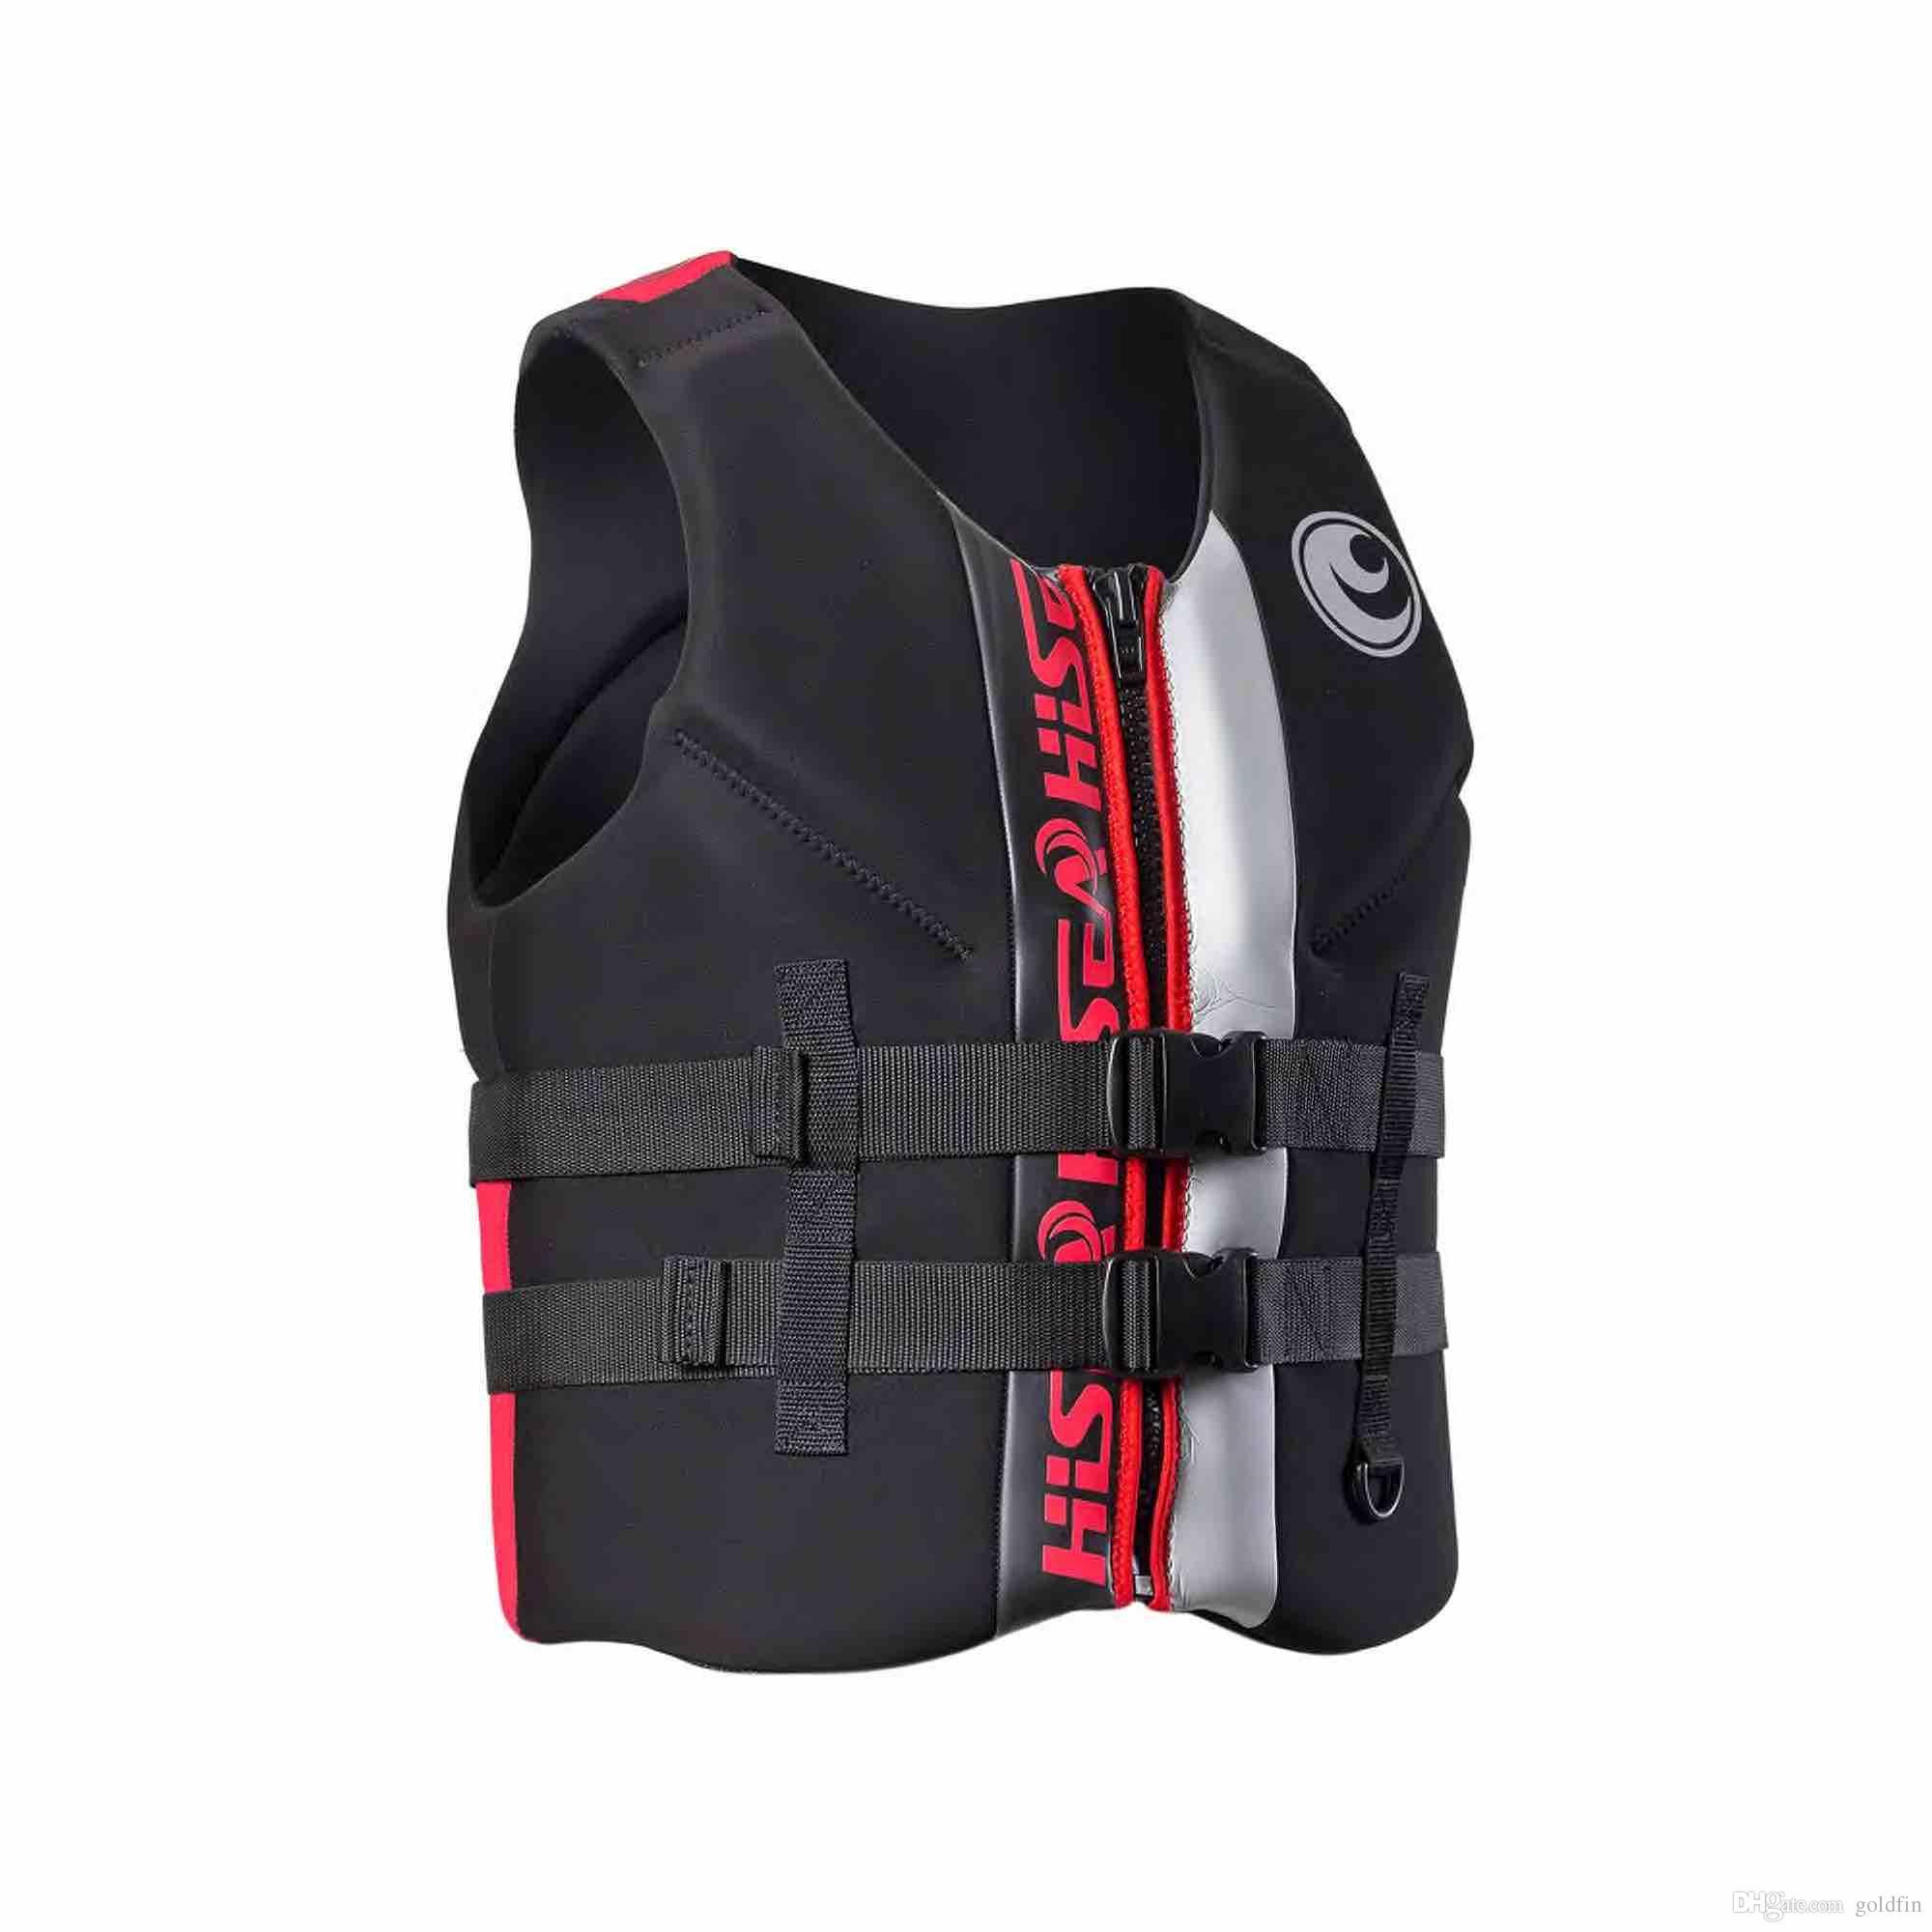 6a520c9affd Neoprene Swim Vests for Adults Life Vest Jacket Fishing Vest Water ...